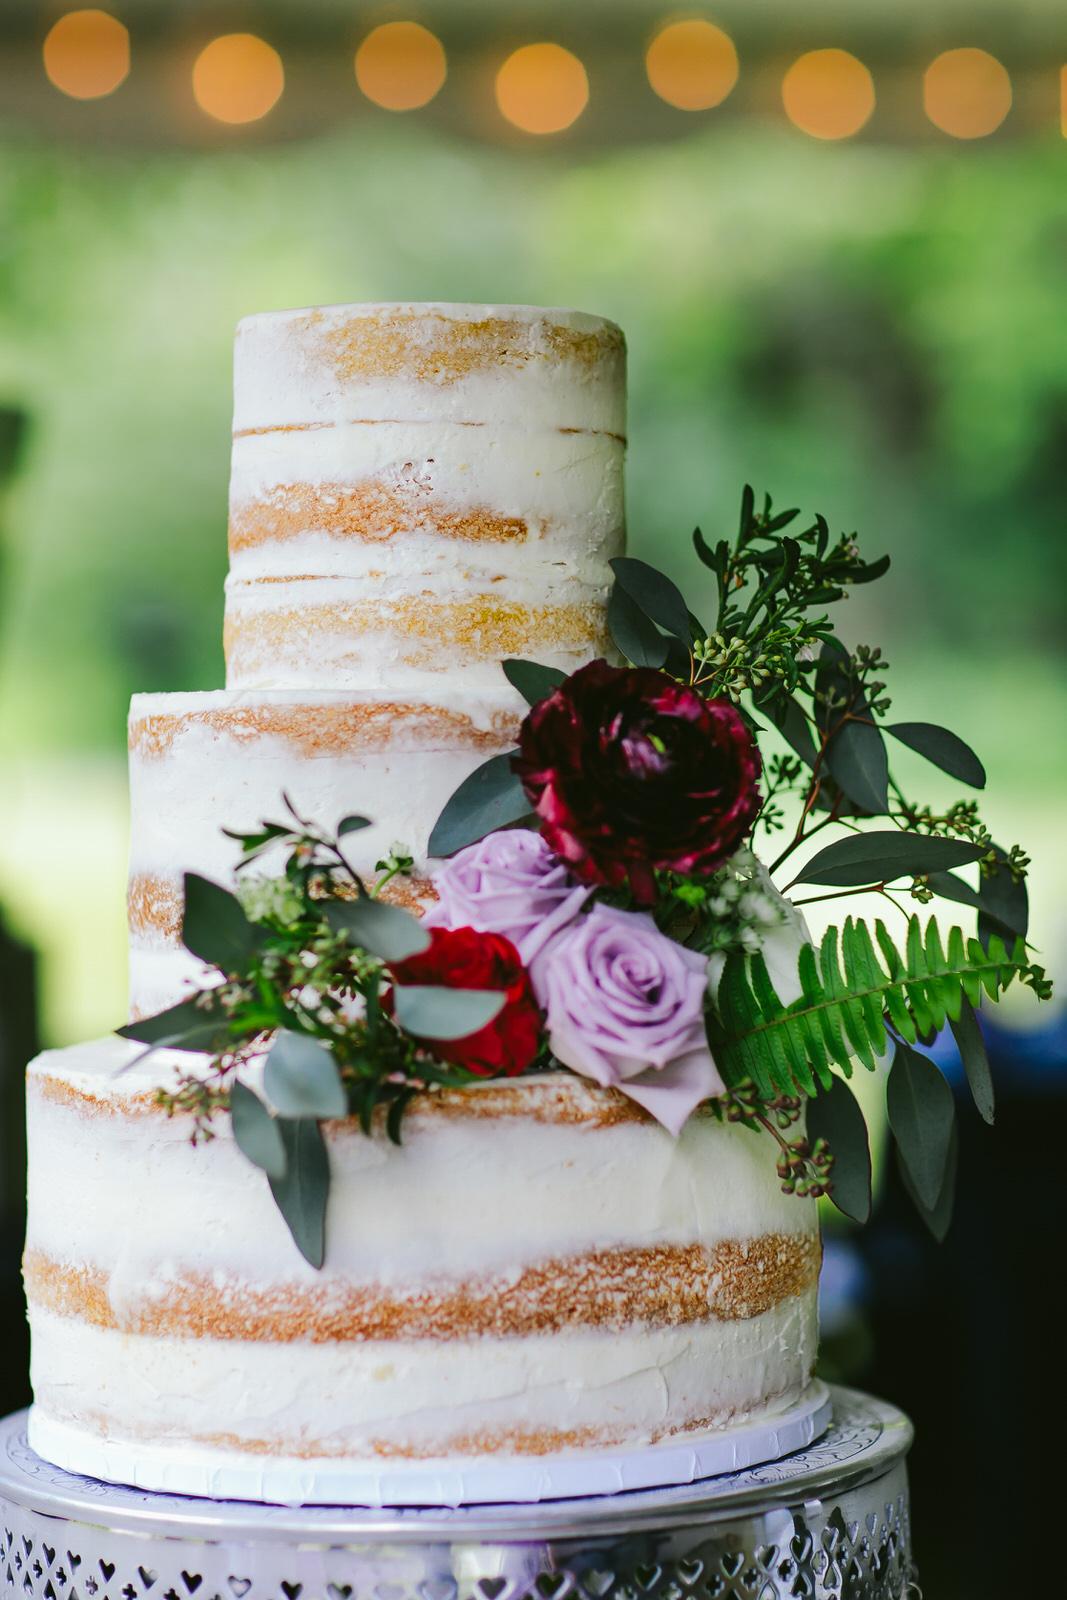 kashi-wedding-reception-tiny-house-photo-cake.jpg